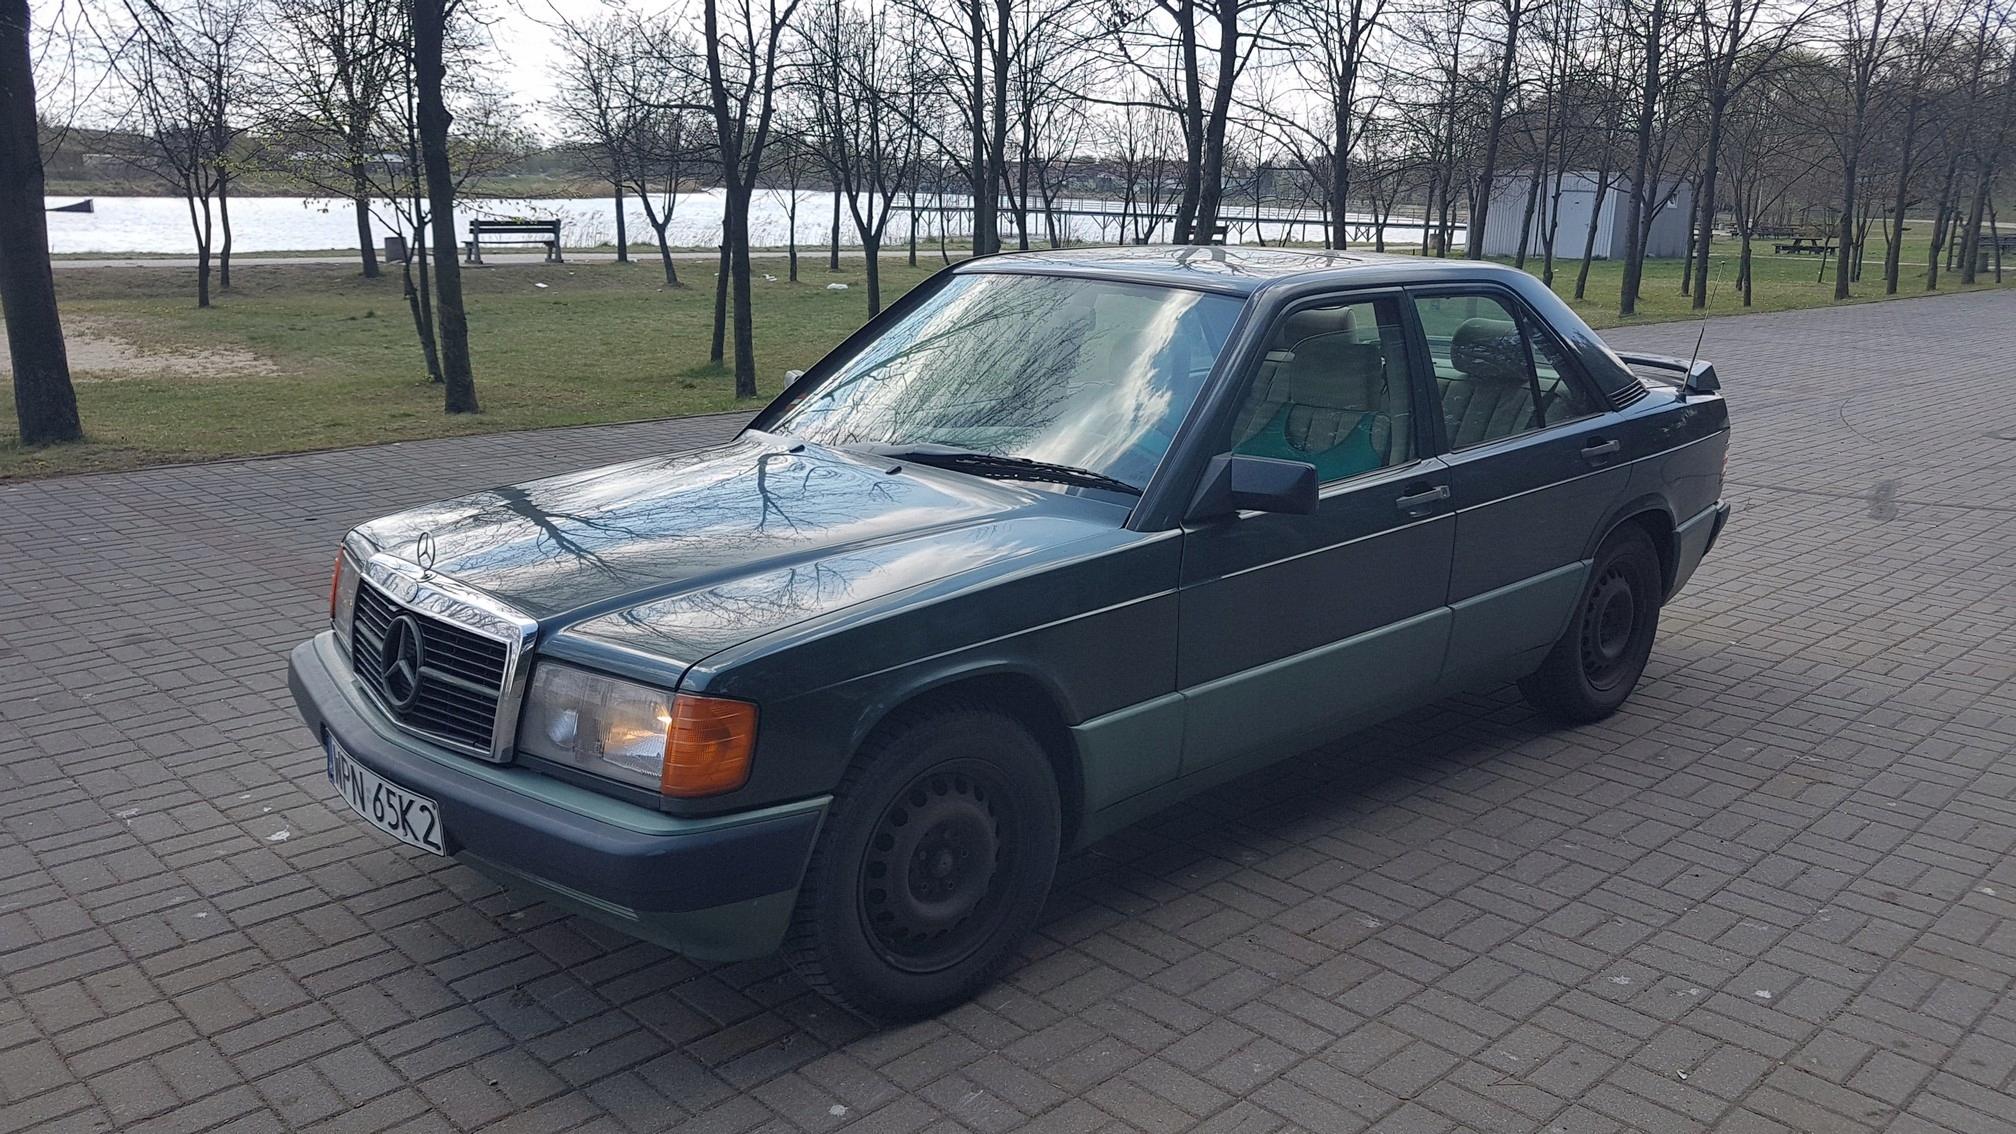 Mercedes 190 W201 1989 2.0 87 kW 118 KM